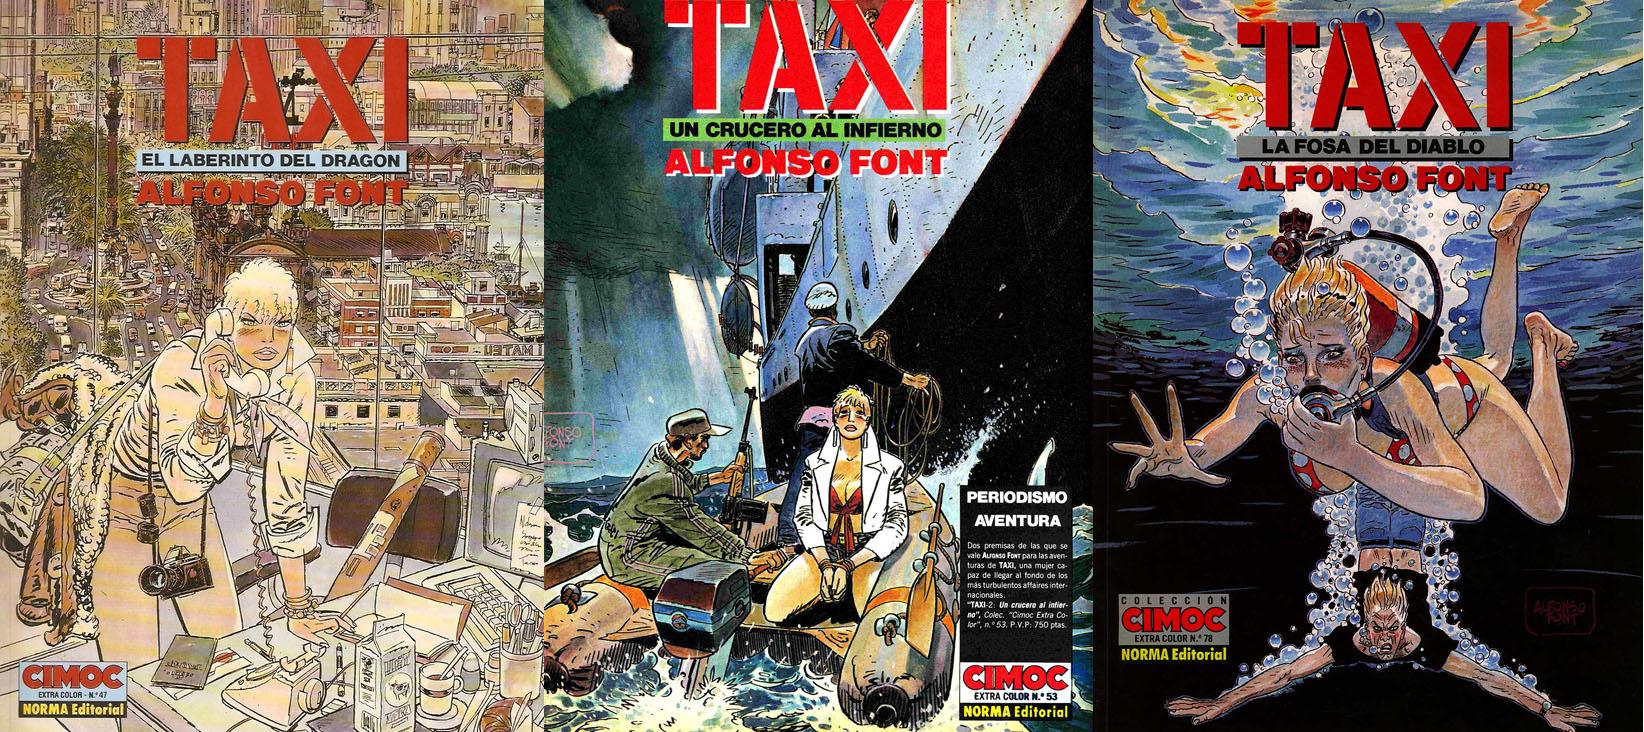 Alfonso Font - Taxi Tomo 1-3